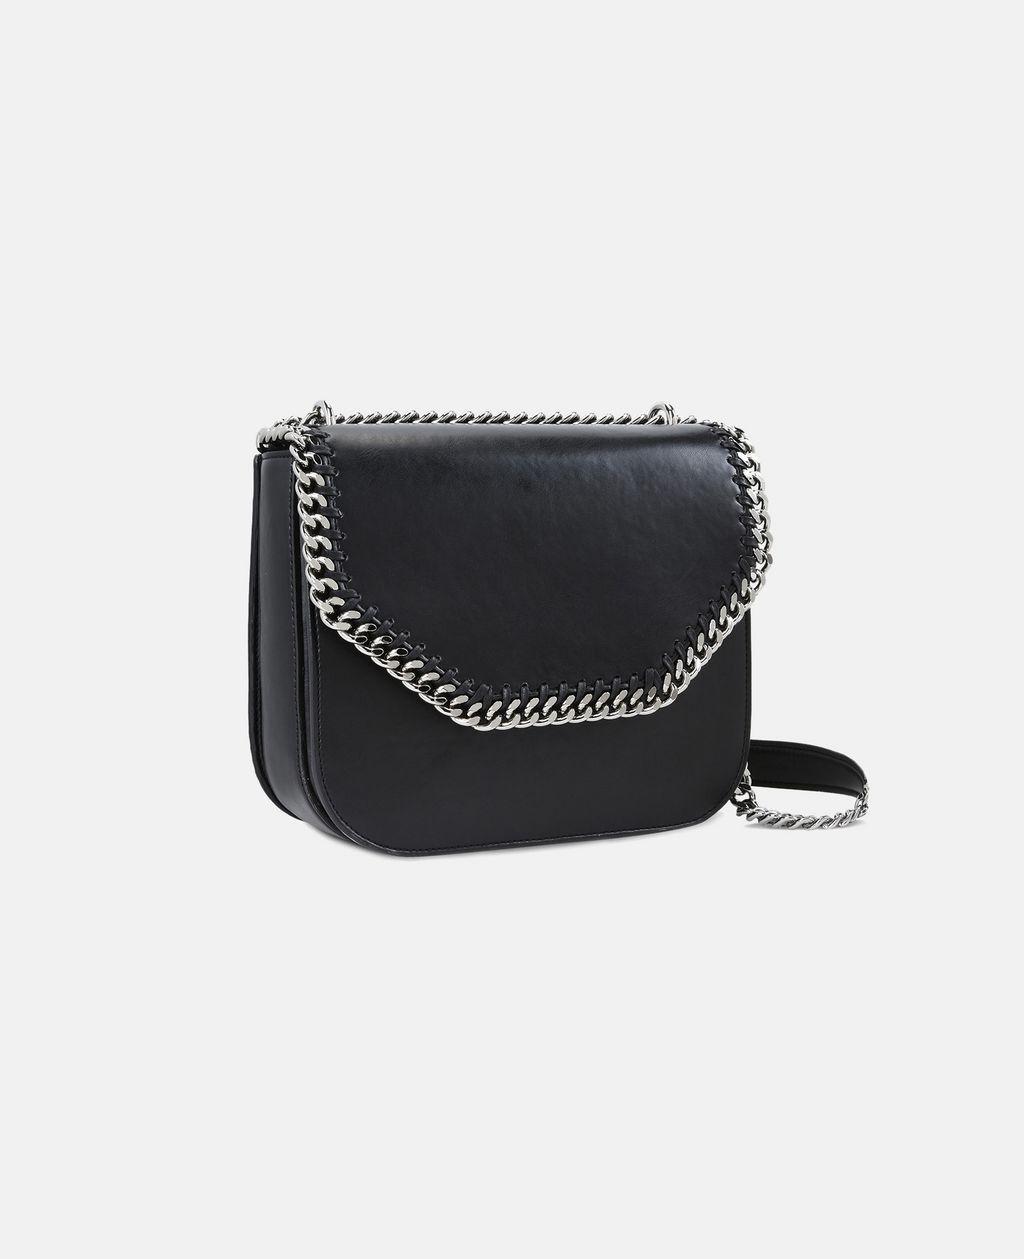 aa8b508f0dd1 Stella Mccartney Black Falabella Box Shoulder Bag - Onesize ...